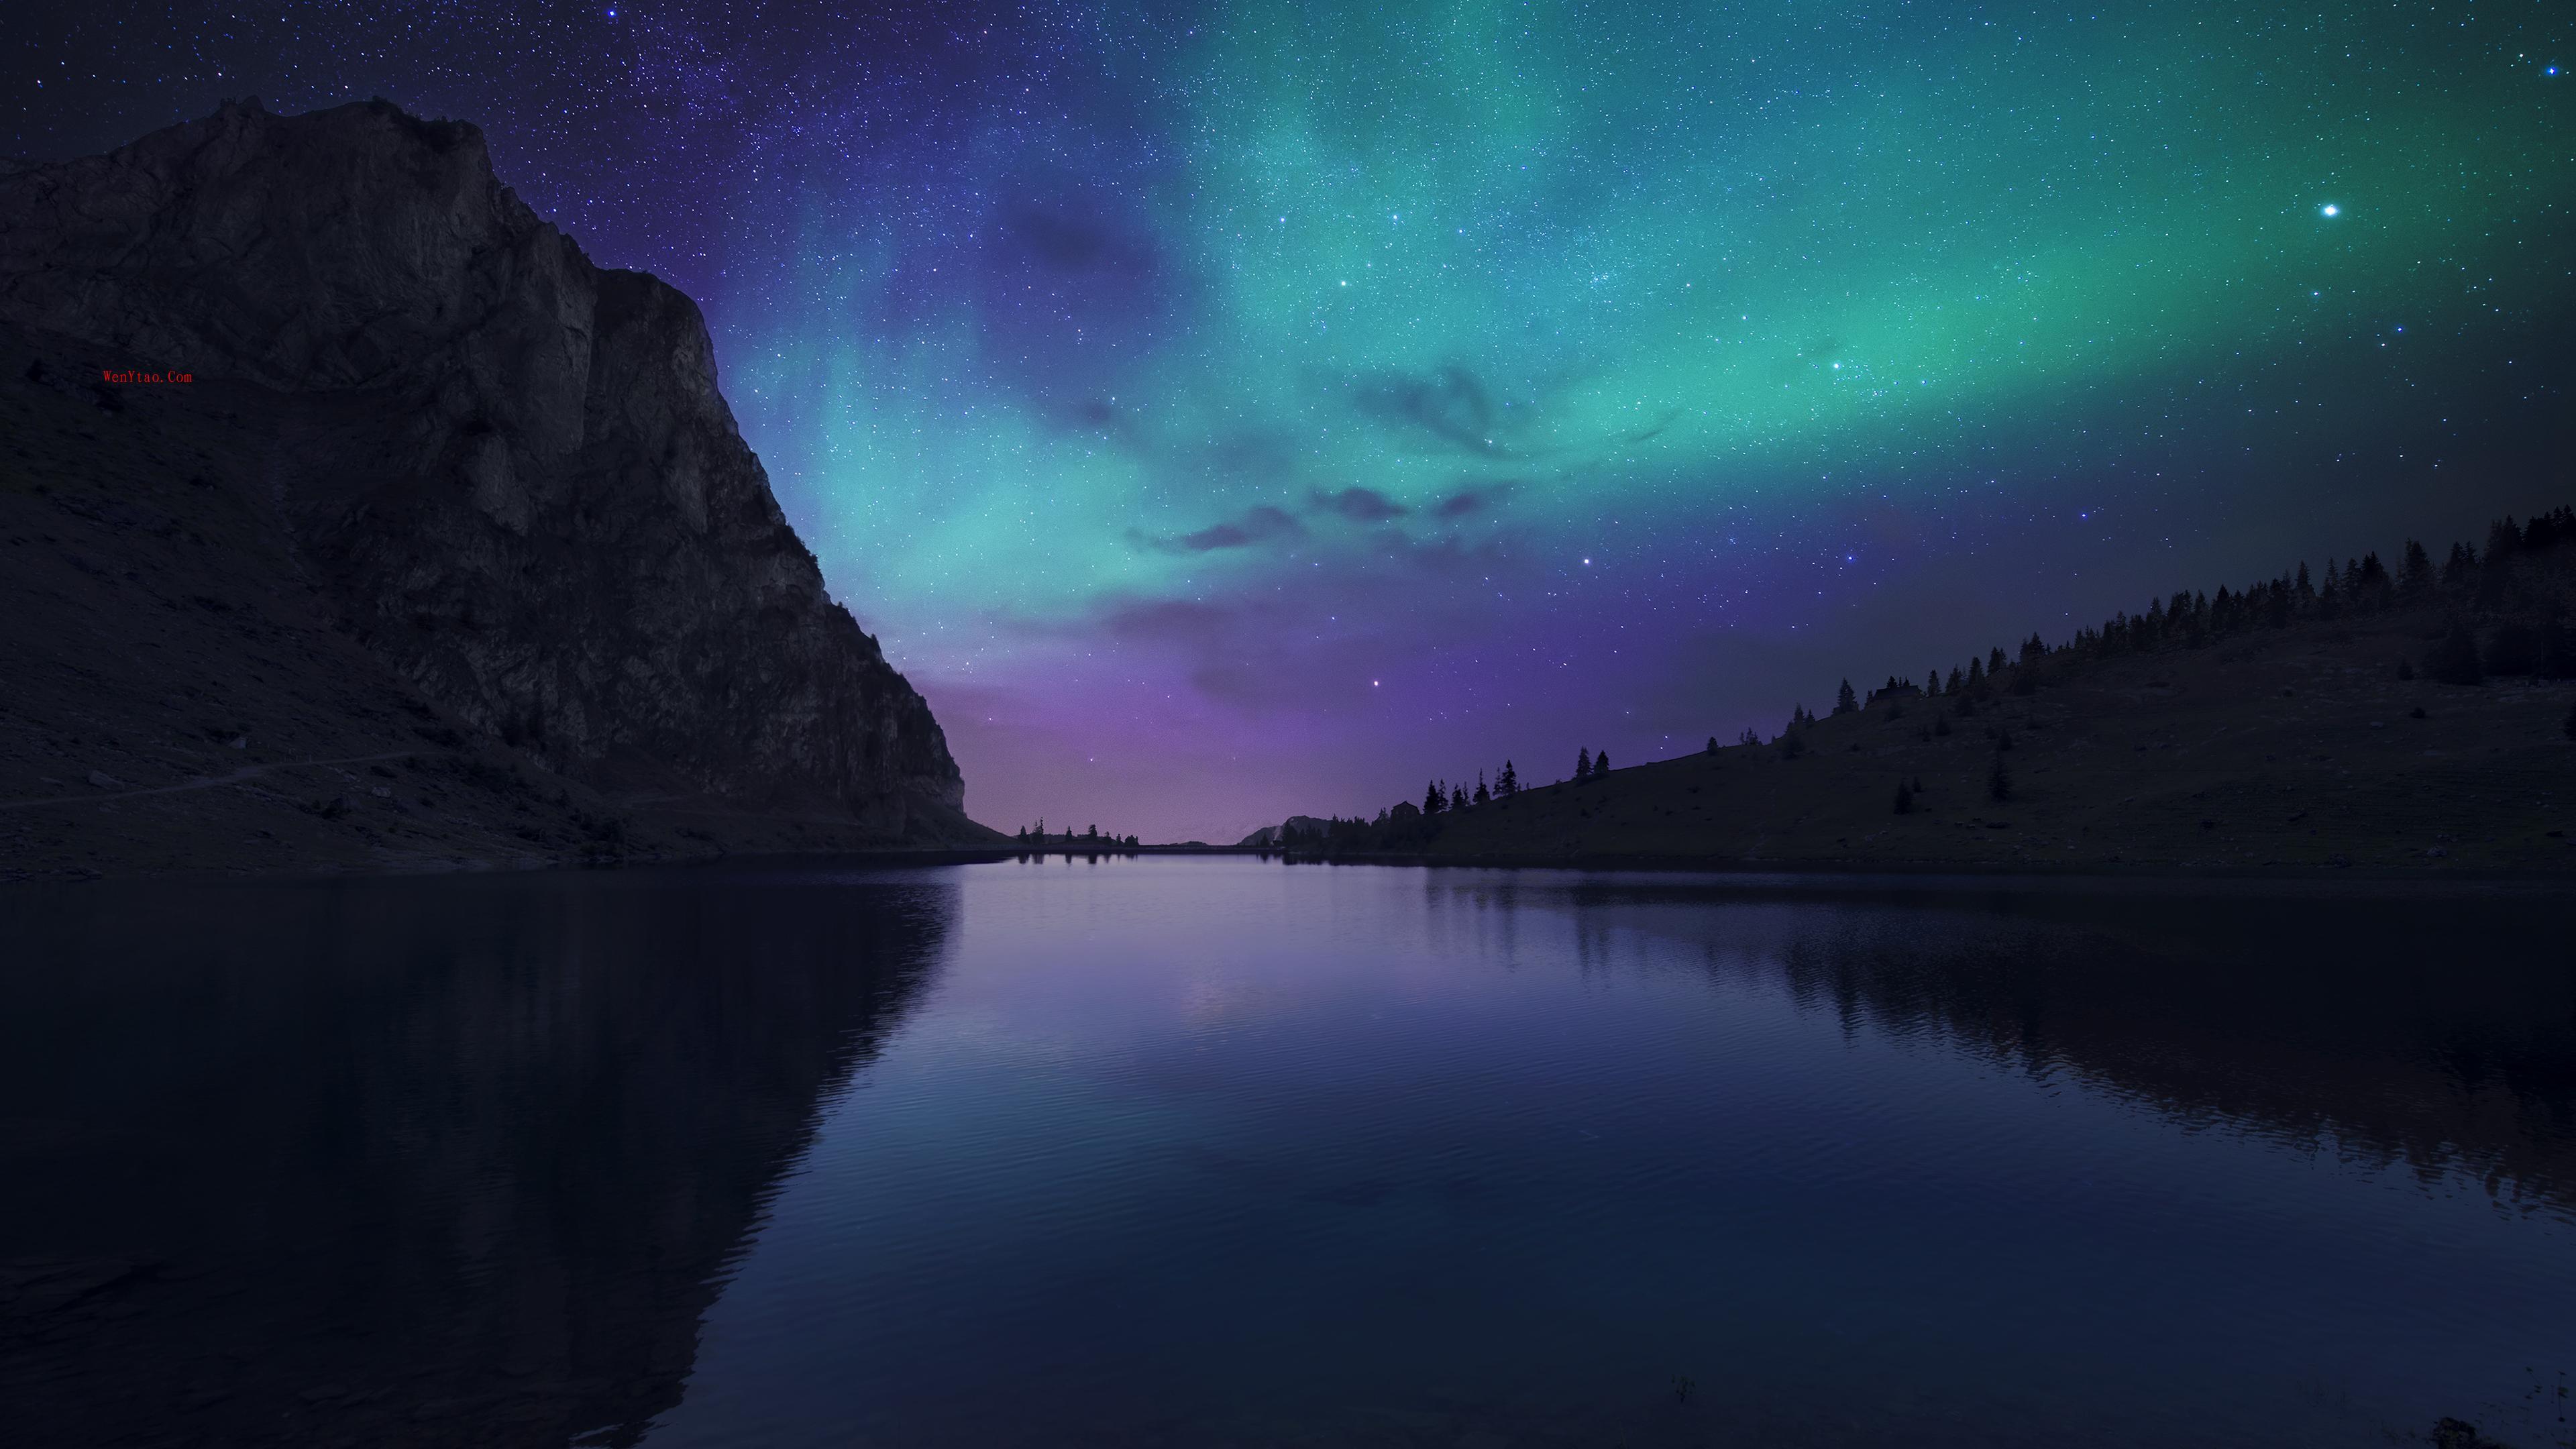 奥罗拉湖的夜晚 瑞士Bannalp湖 冰岛 极光 星空 4K壁纸,奥罗拉湖的夜晚 瑞士Bannalp湖 冰岛 极光 星空 4K壁纸 第1张,第1张